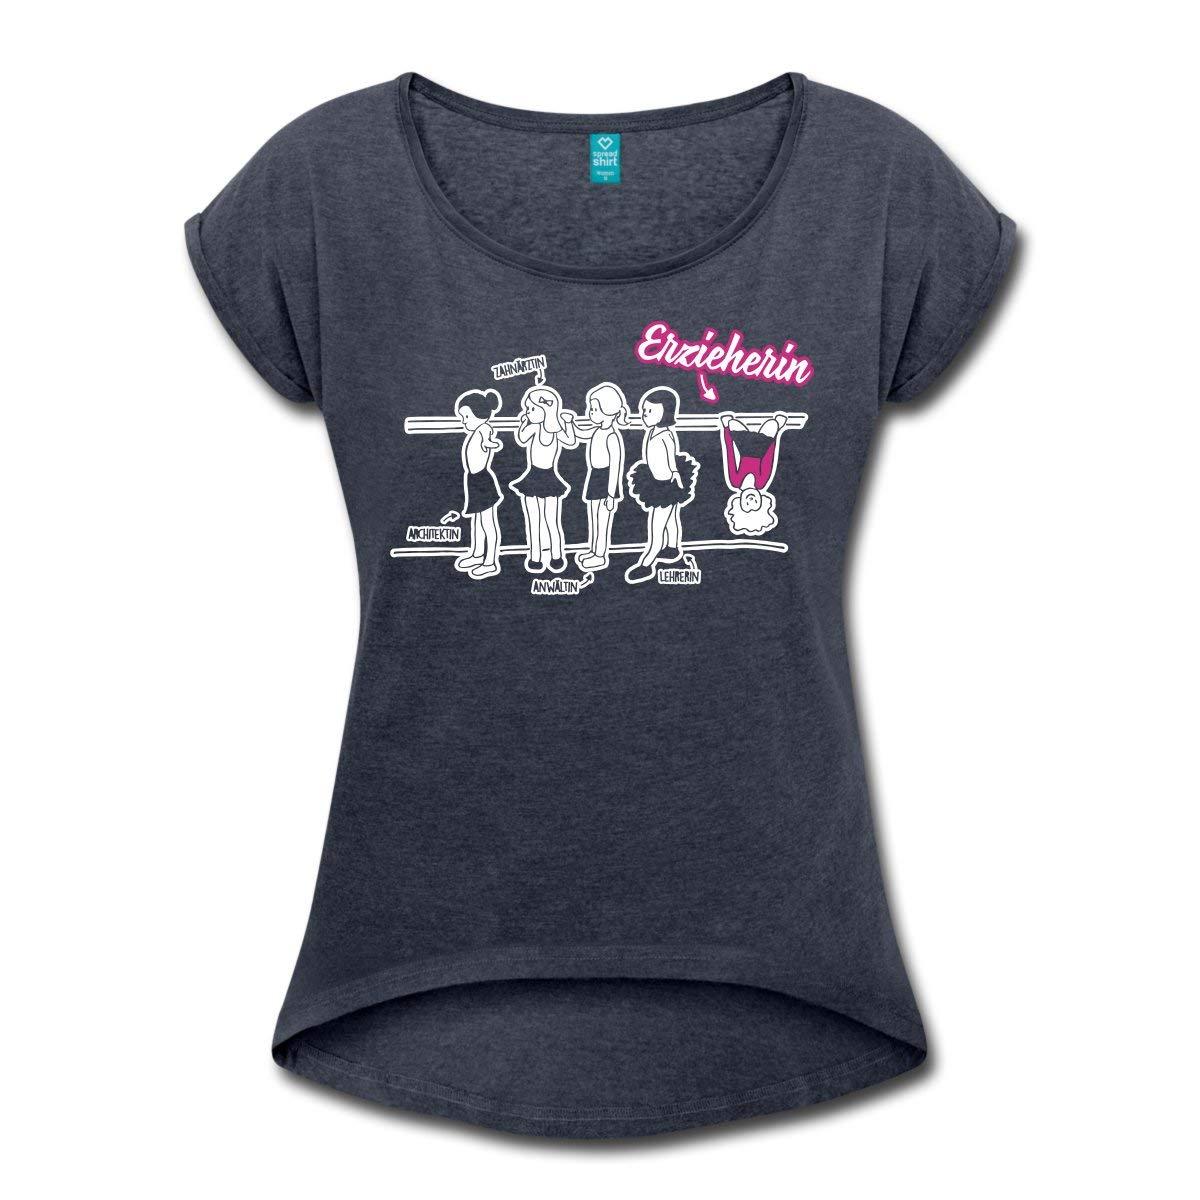 Erzieherin Und So Viel Mehr Frauen T-Shirt